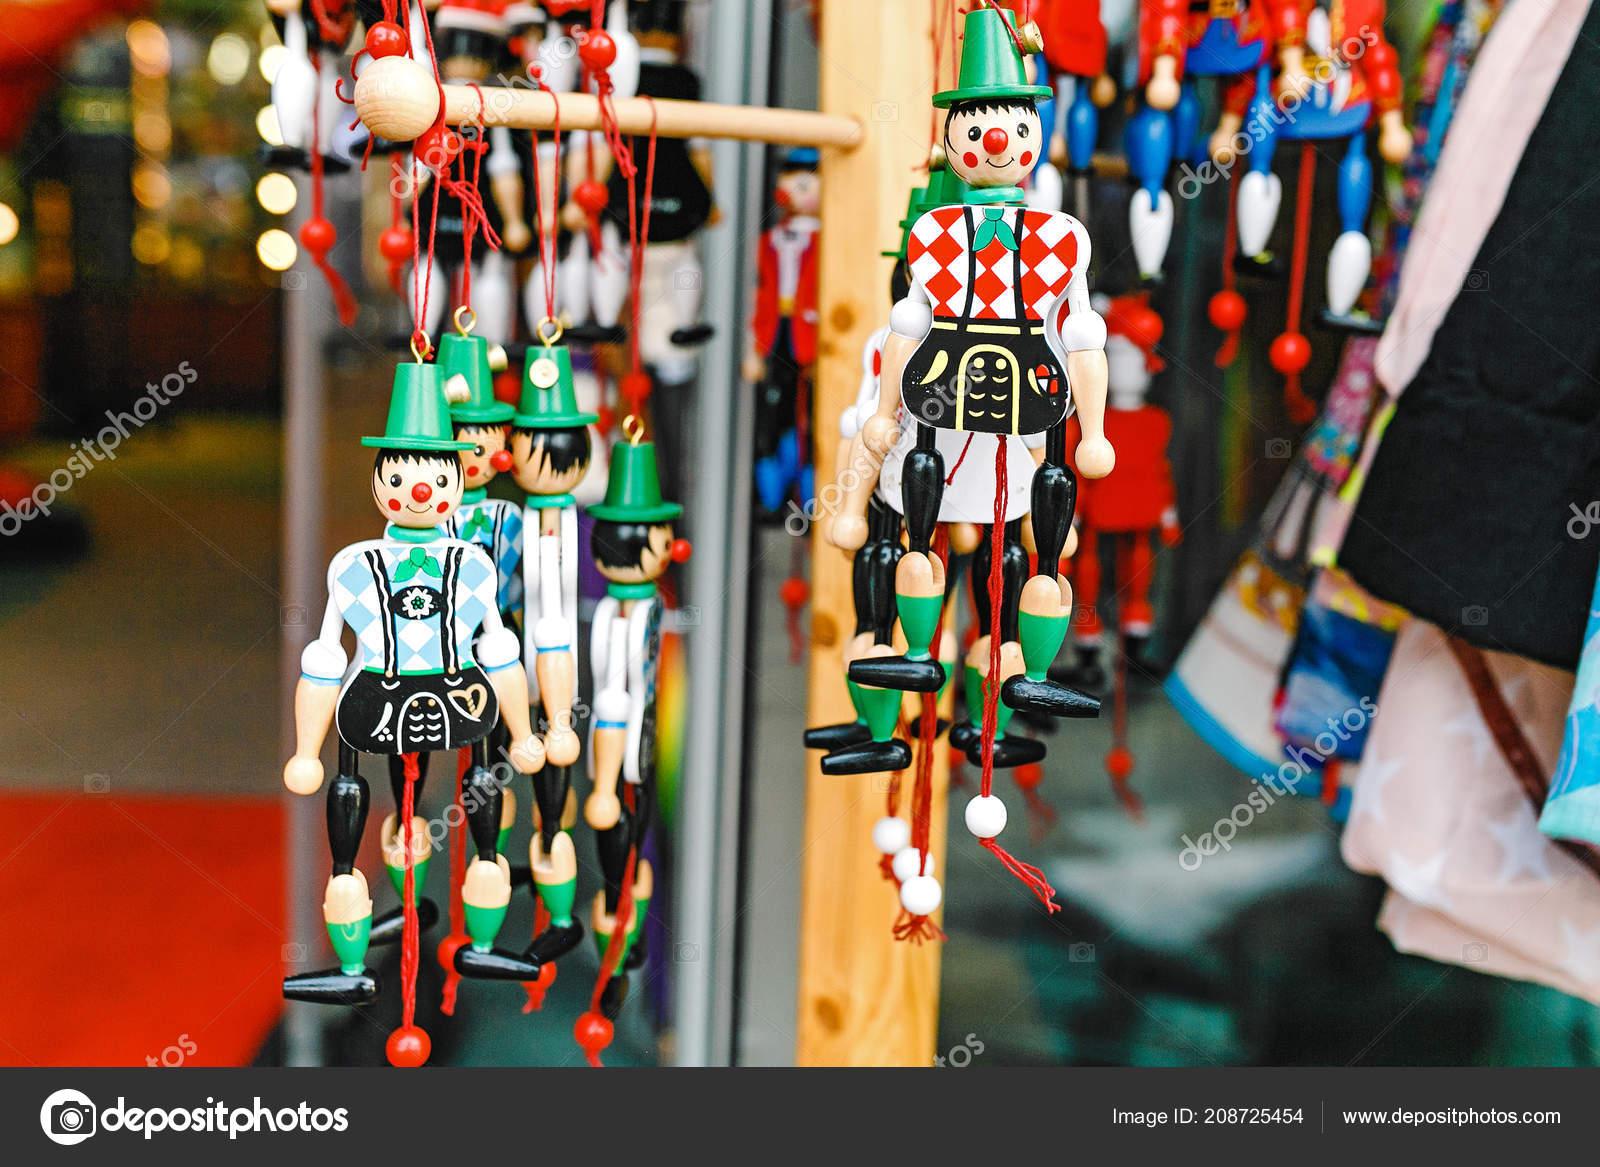 Muñecos Madera Juguetes Muñecos Para Venta Mercado Recuerdos Alemania —  Foto de Stock 30c4fc06a66